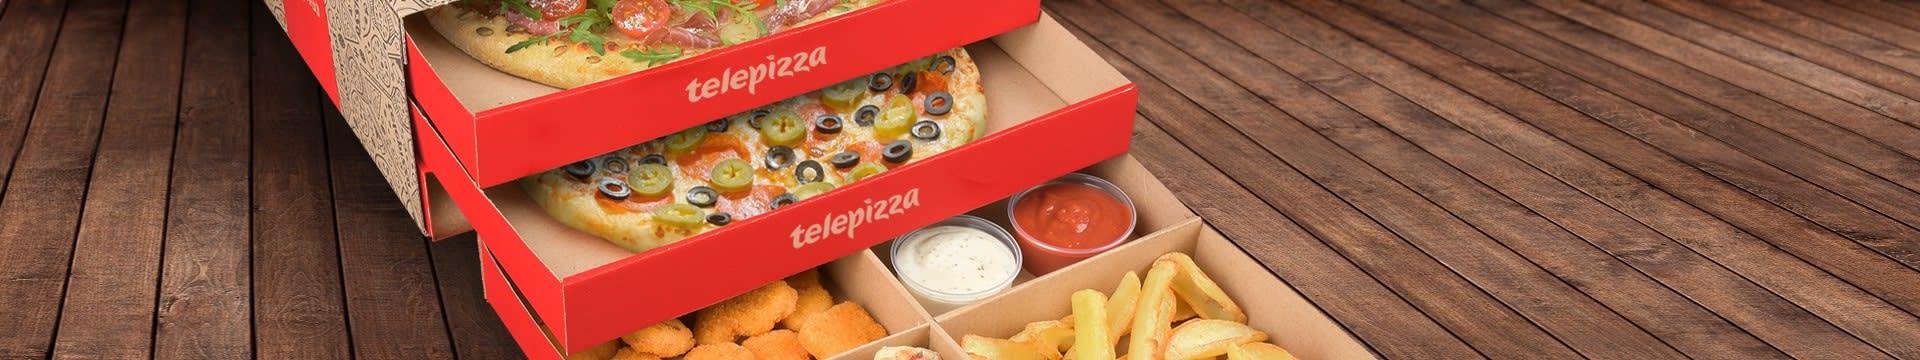 Telepizza Delivery